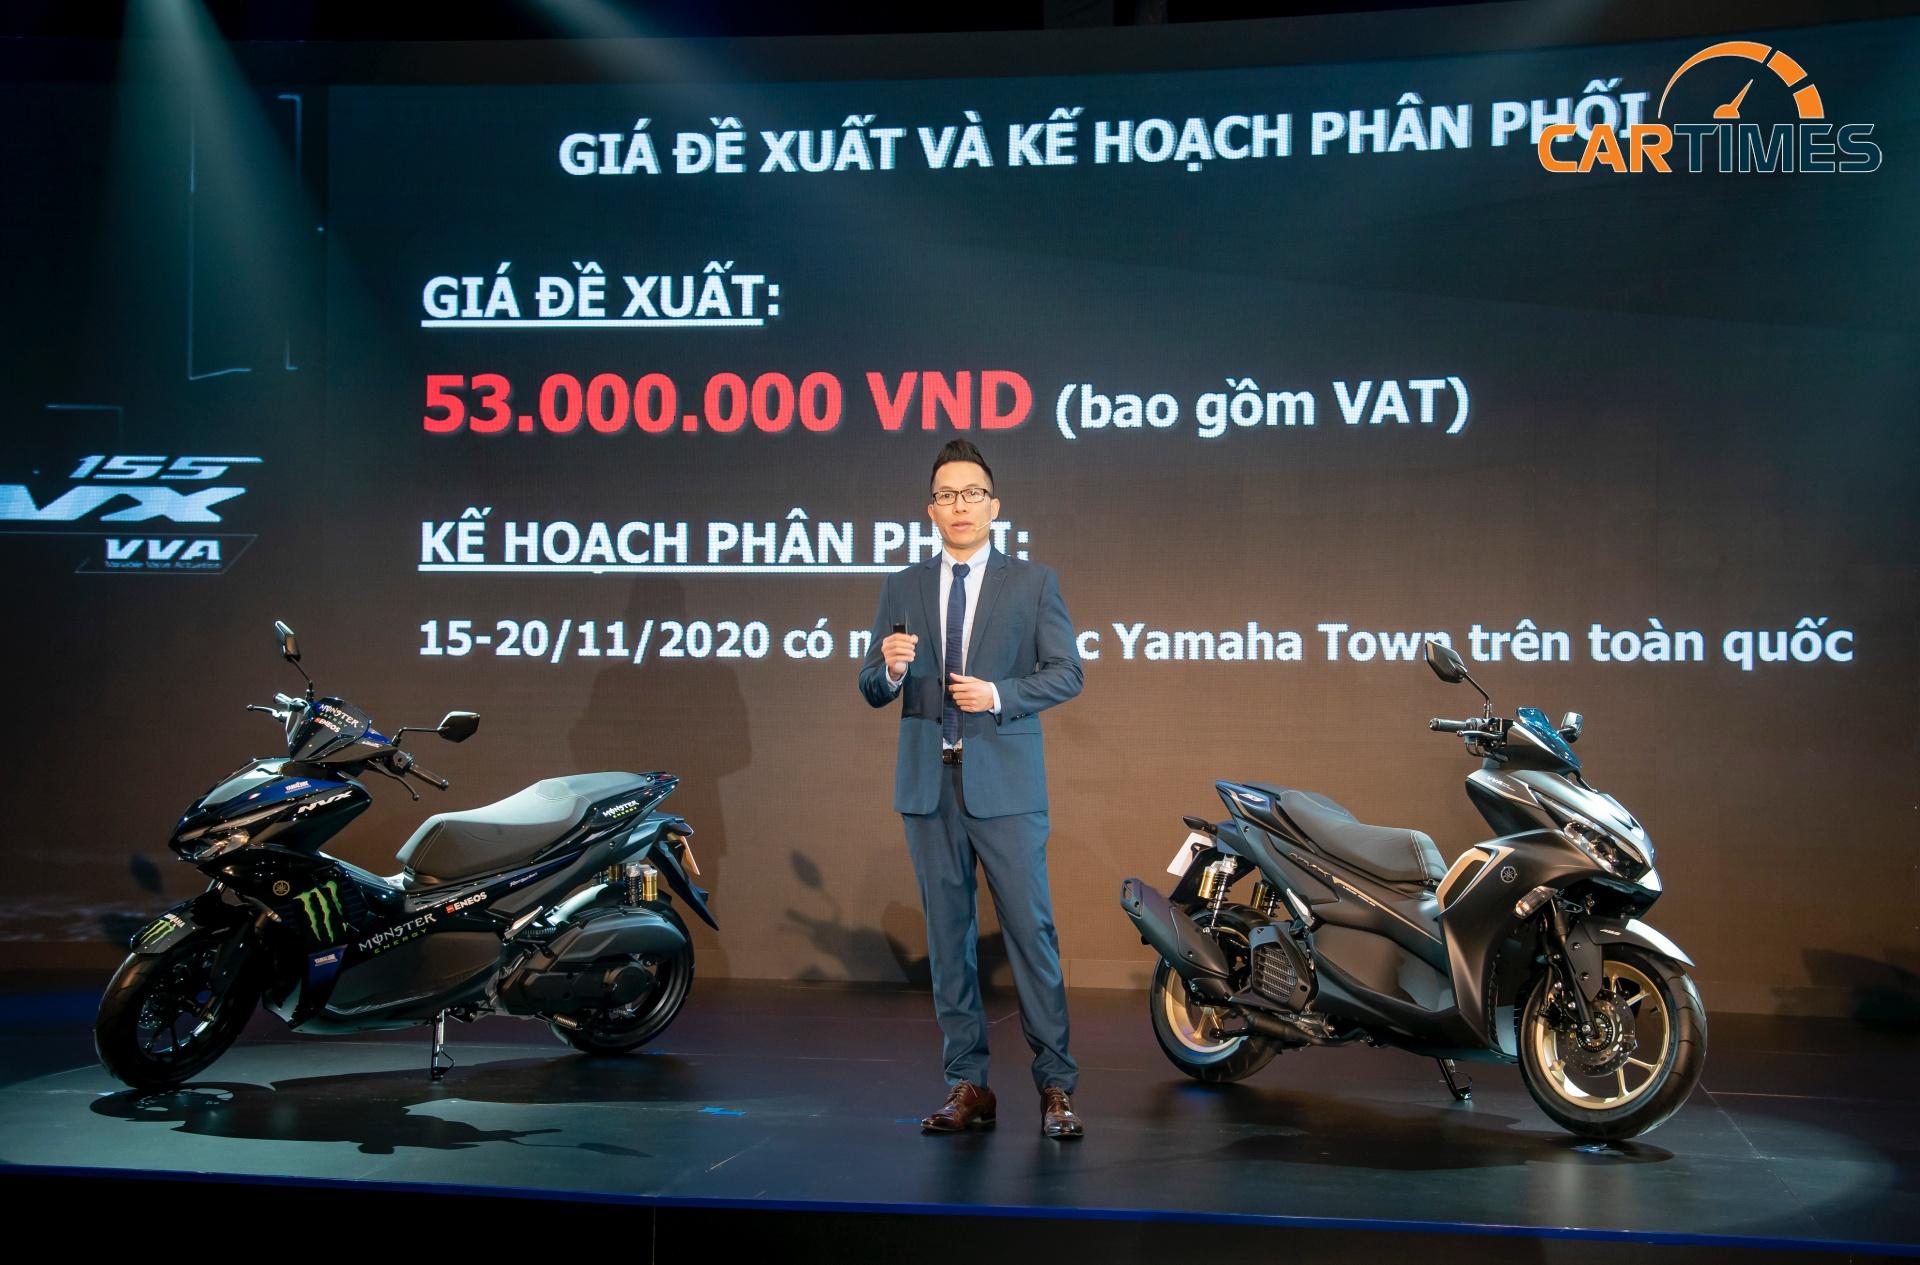 Giá xe Yamaha NVX 2020 từ 53 triệu đồng